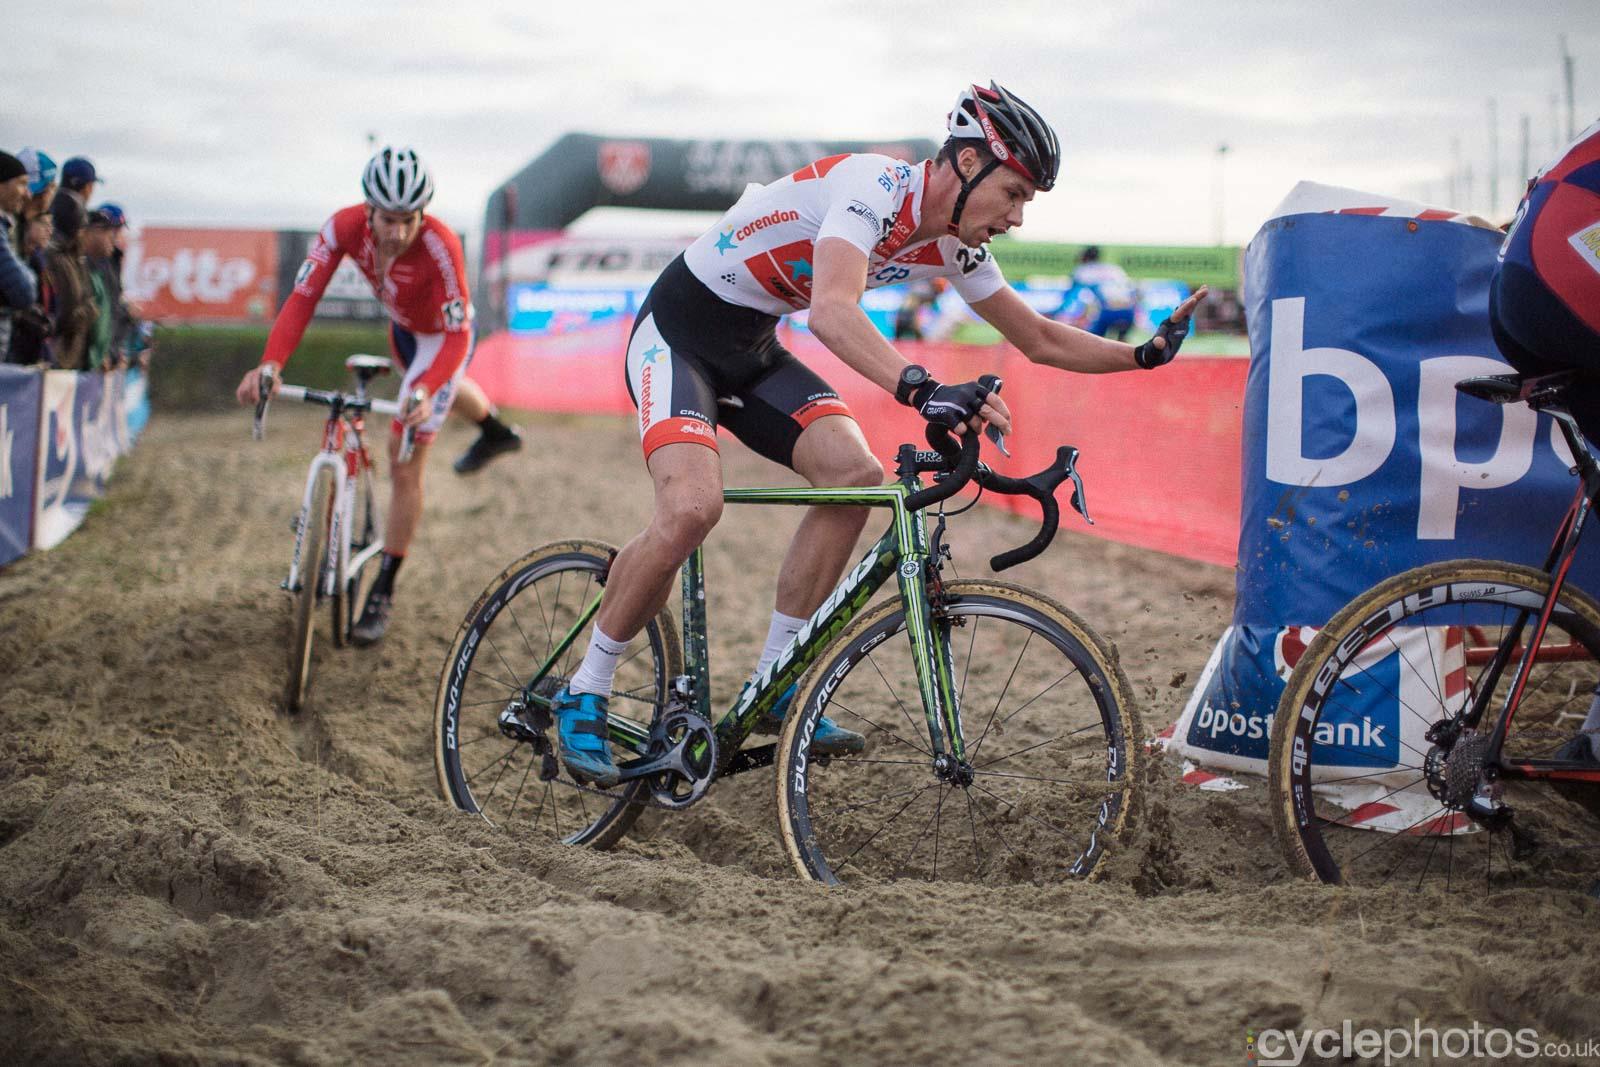 2015-cyclephotos-cyclocross-scheldecross-152703-vincent-baestans